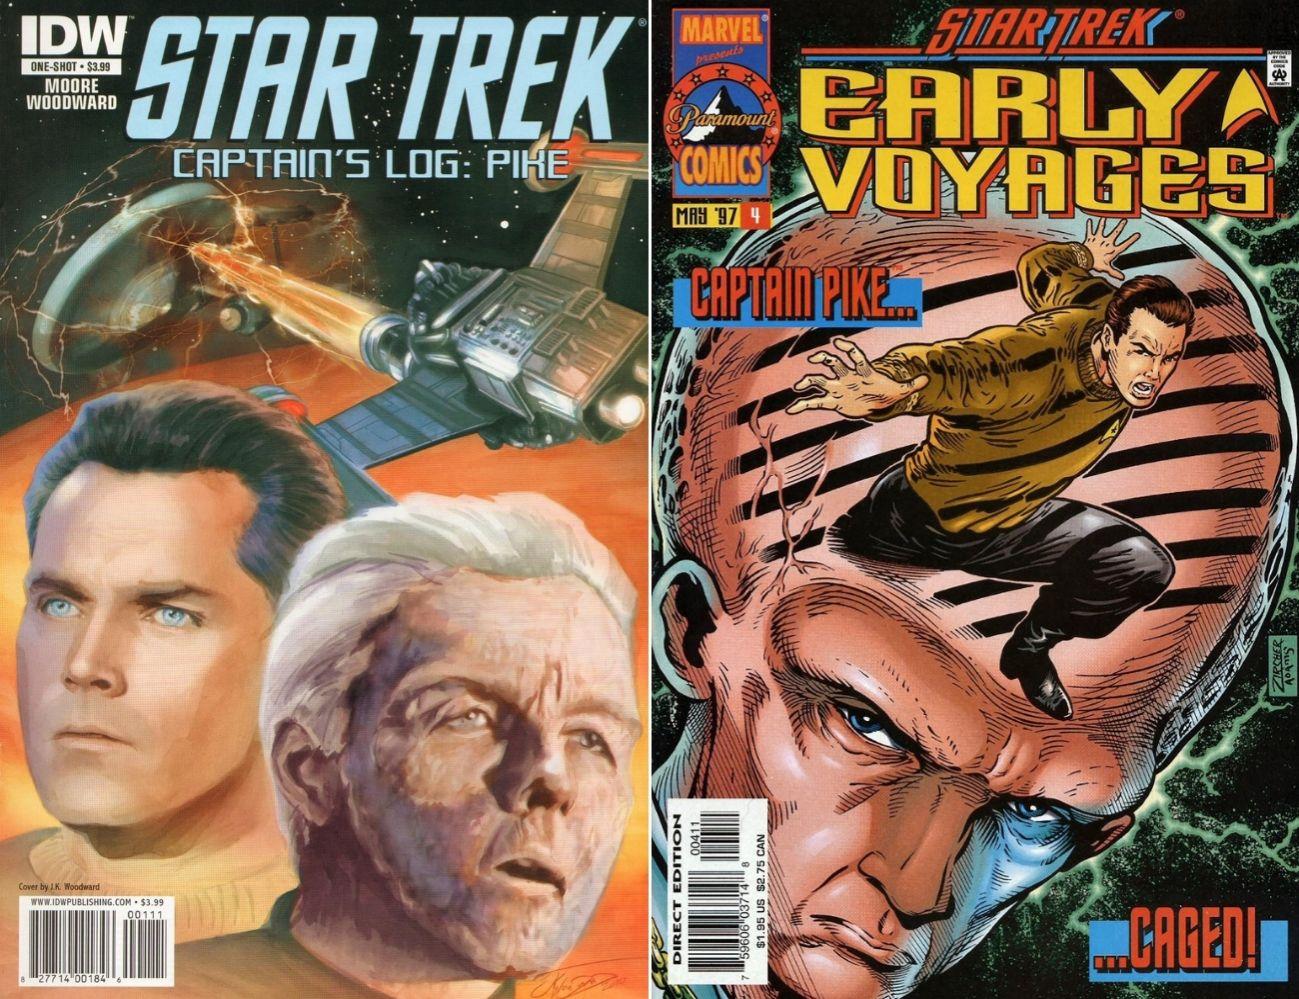 Kapitan Pike w wersji z Oryginalnej Serii miał już swoje występy w komiksach. Ale teraz czeka go nowe życie. / Fot. IDW, Marvel